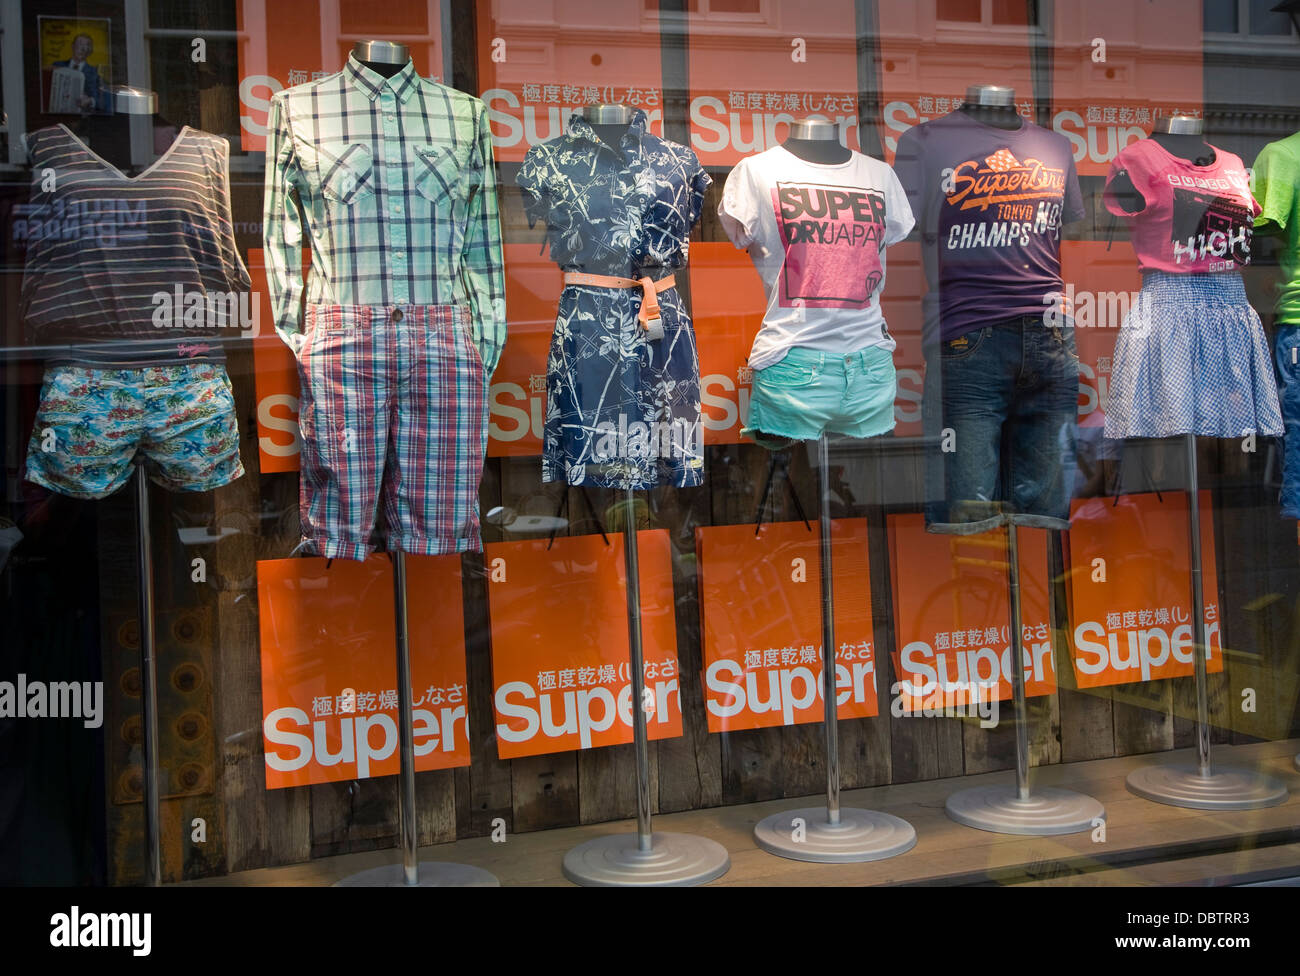 017c9c3c3f16 Ventana de la tienda de ropa de moda mostrar Rotterdam, Países Bajos ...